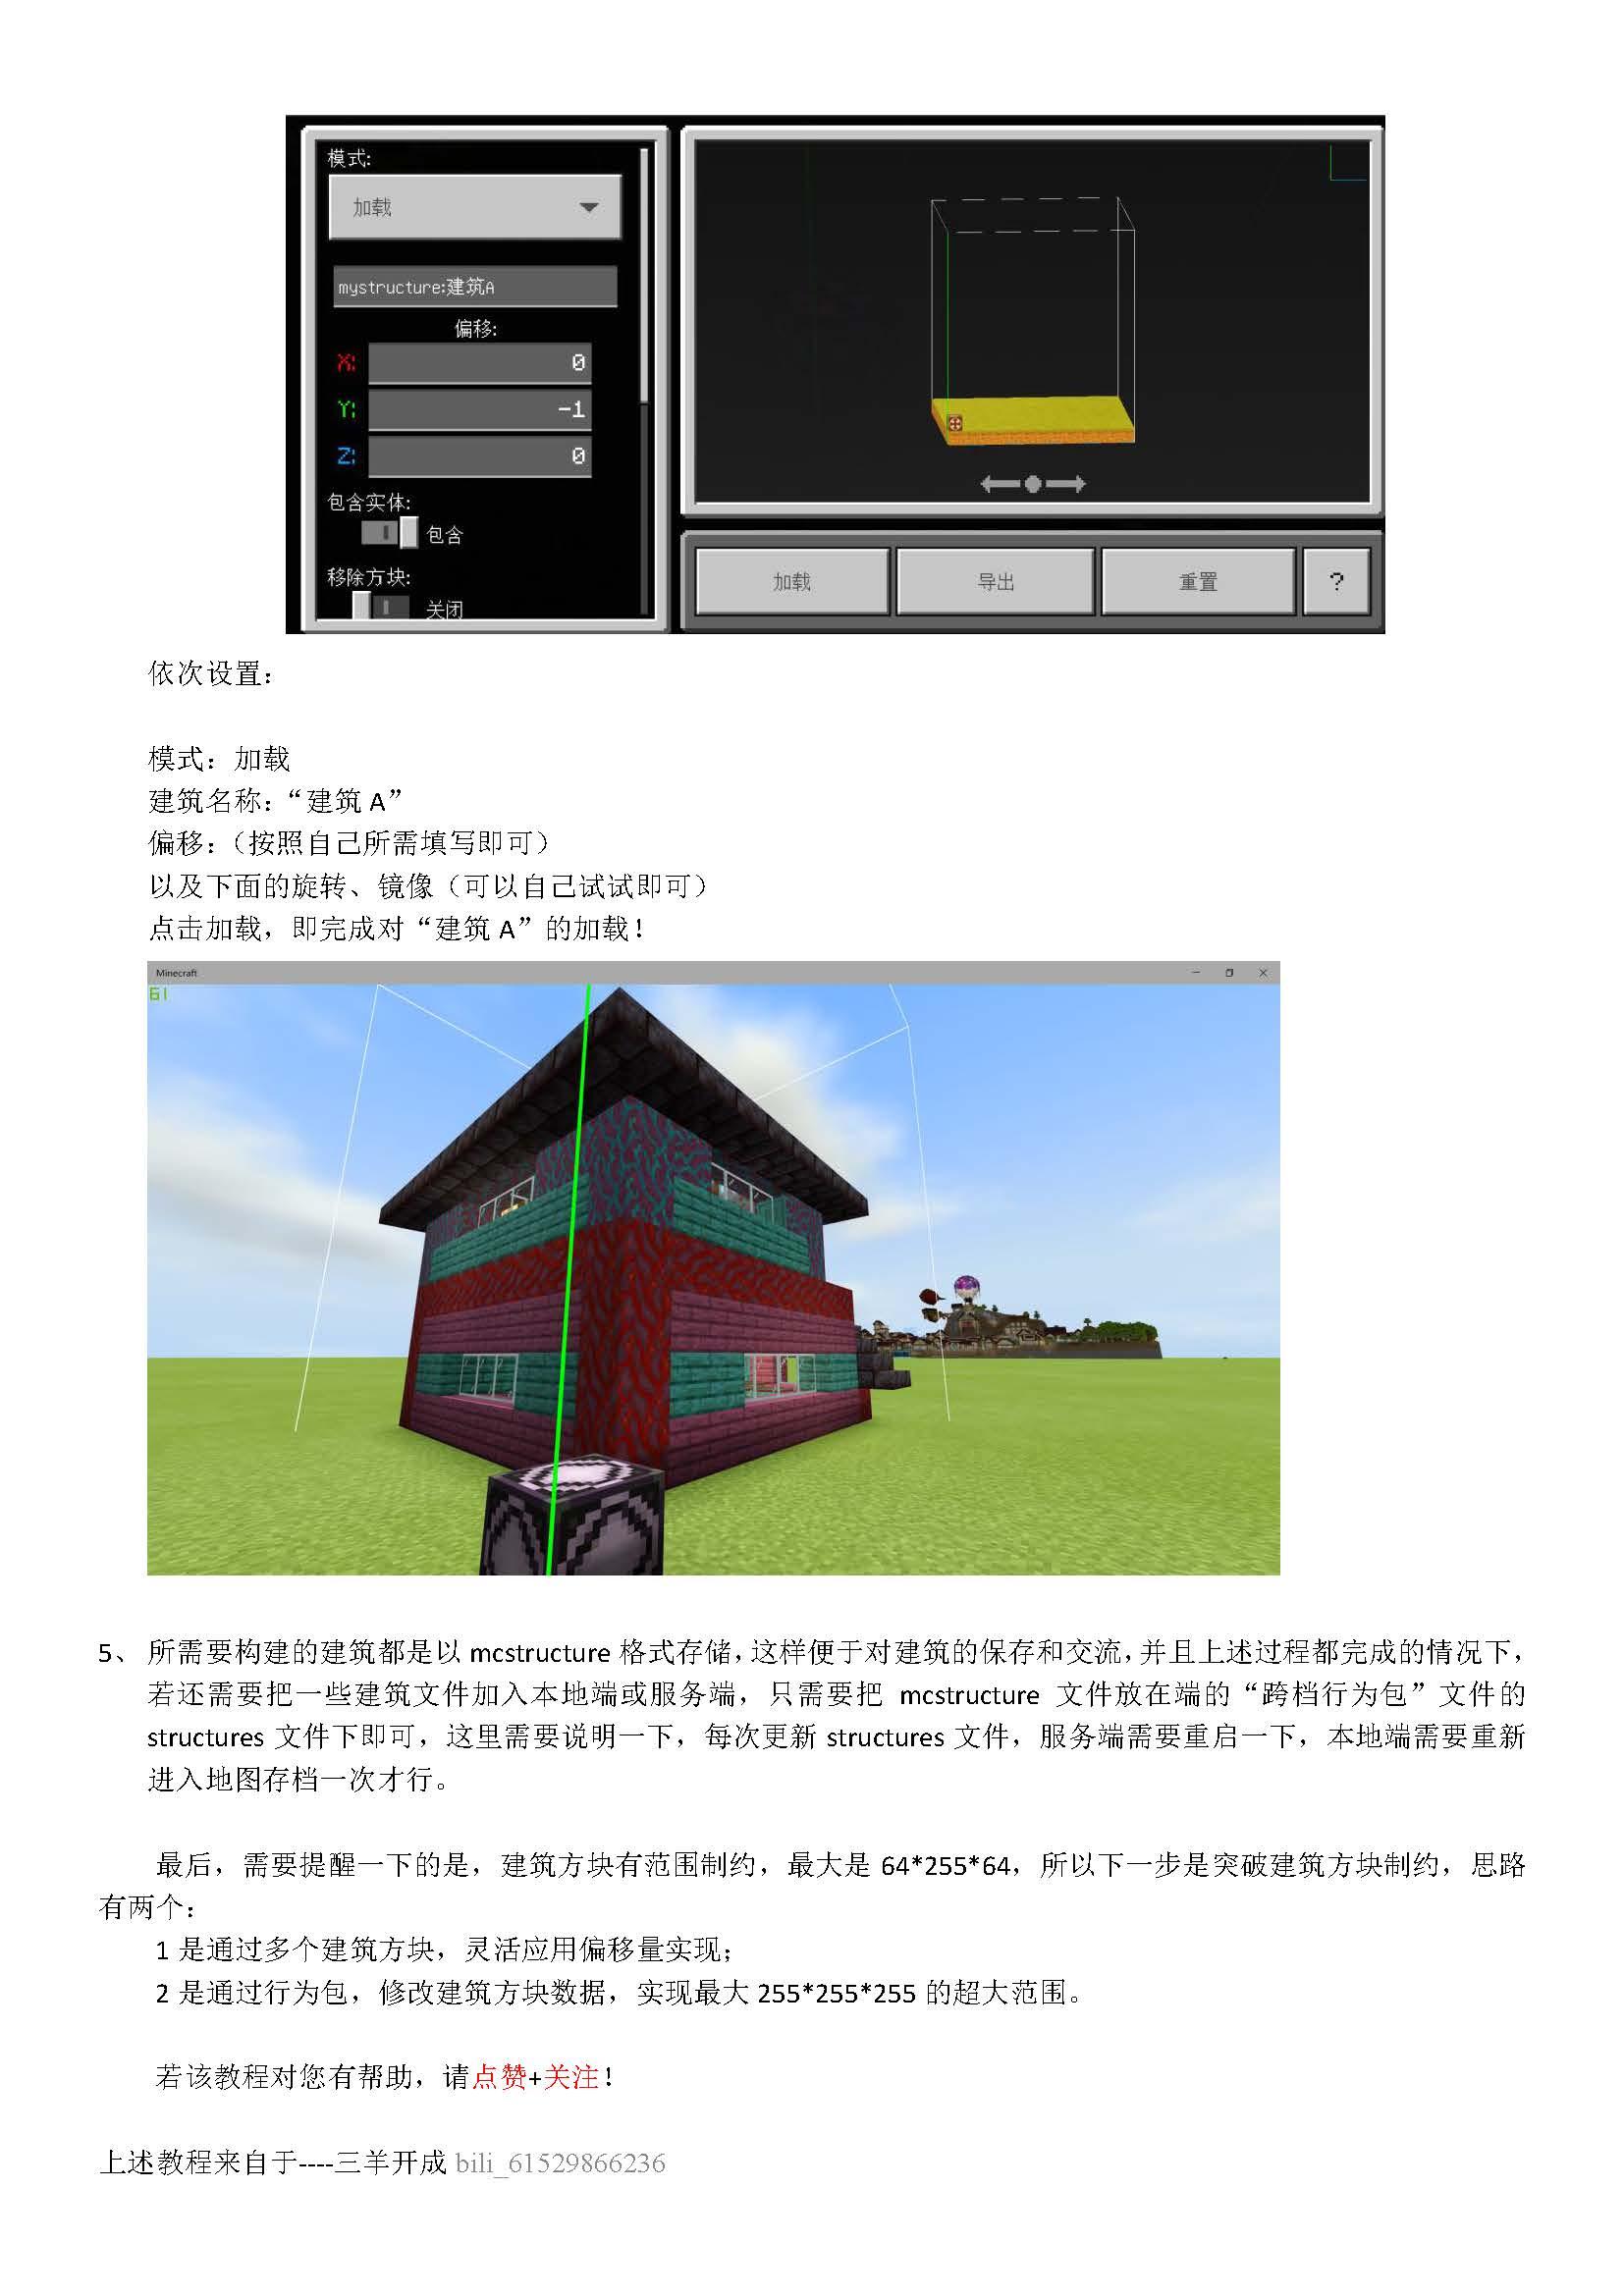 我的世界基岩版MCBE不同存档不同服建筑搬移结构方块建筑方块跨档建设_页面_3.jpg.jpg